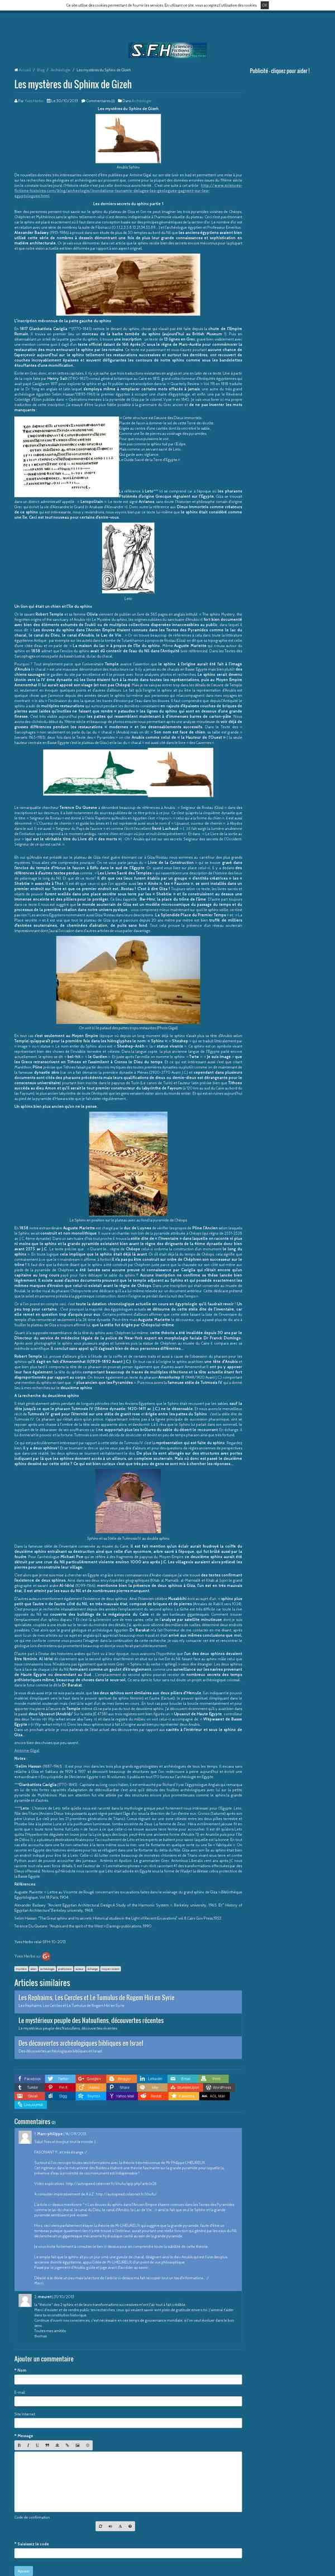 Les mystères du Sphinx de Gizeh